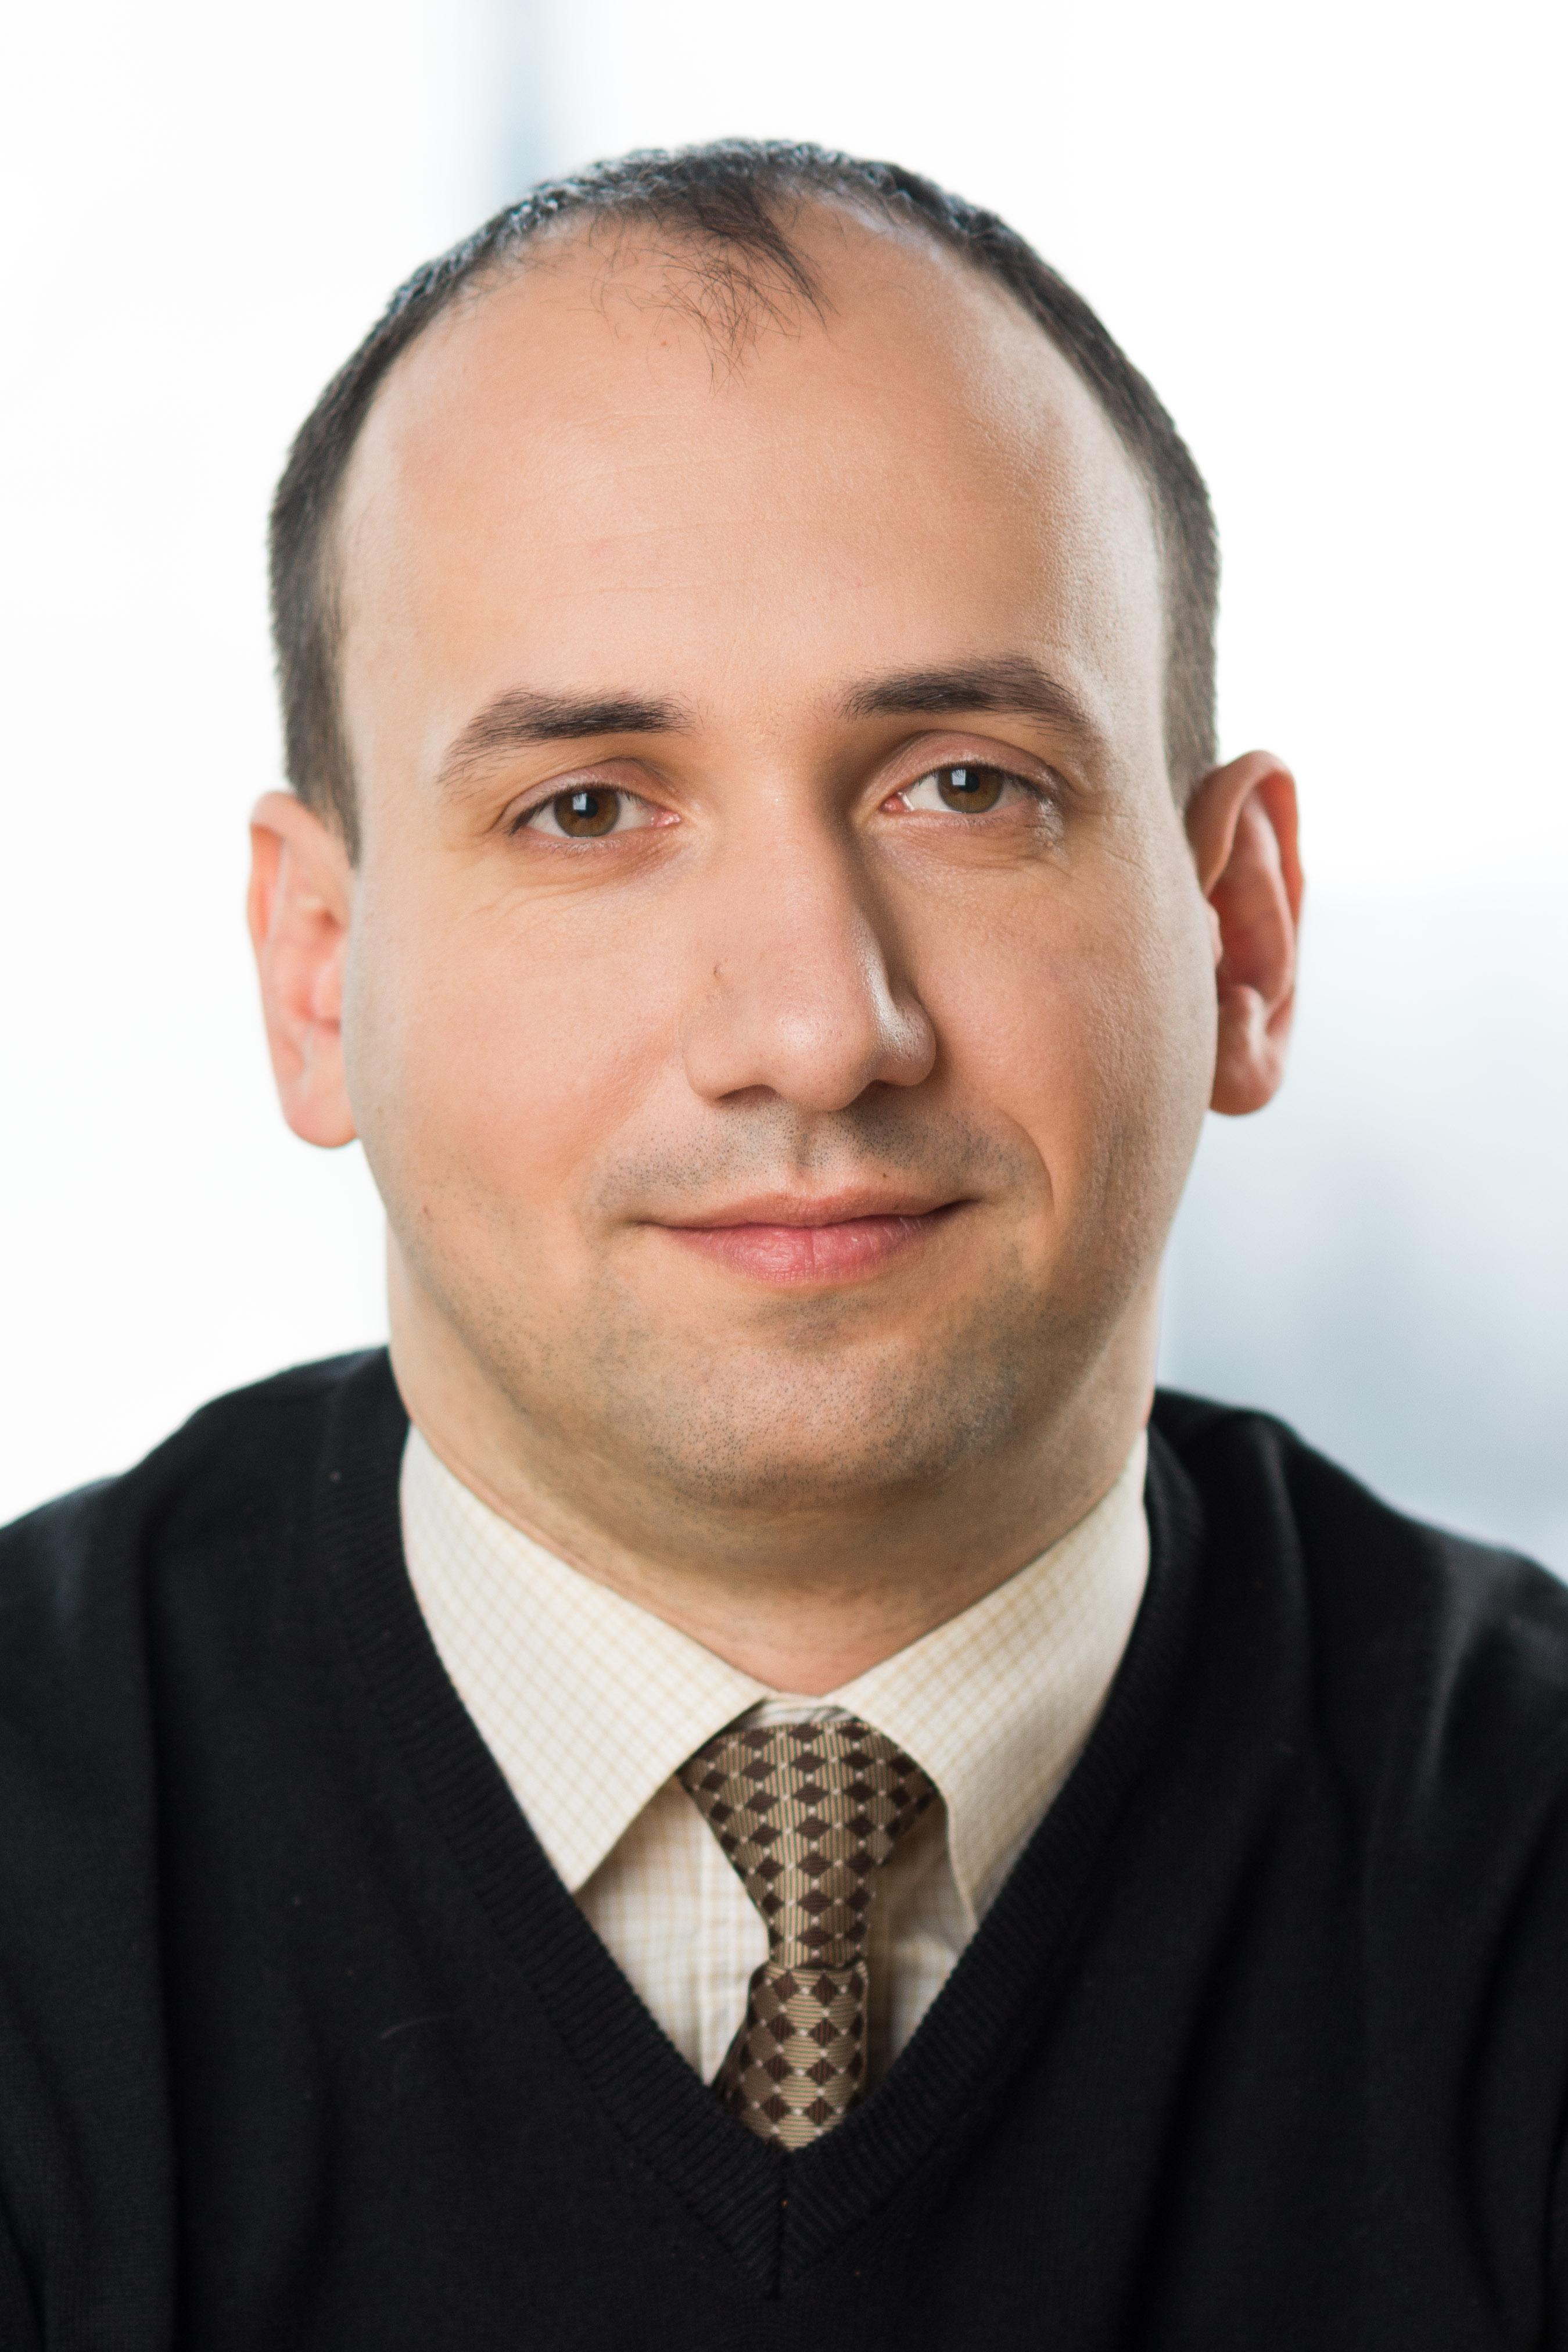 Иван Папазов, руководитель направления продаж техники на газомоторном топливе ООО «Скания-Русь»